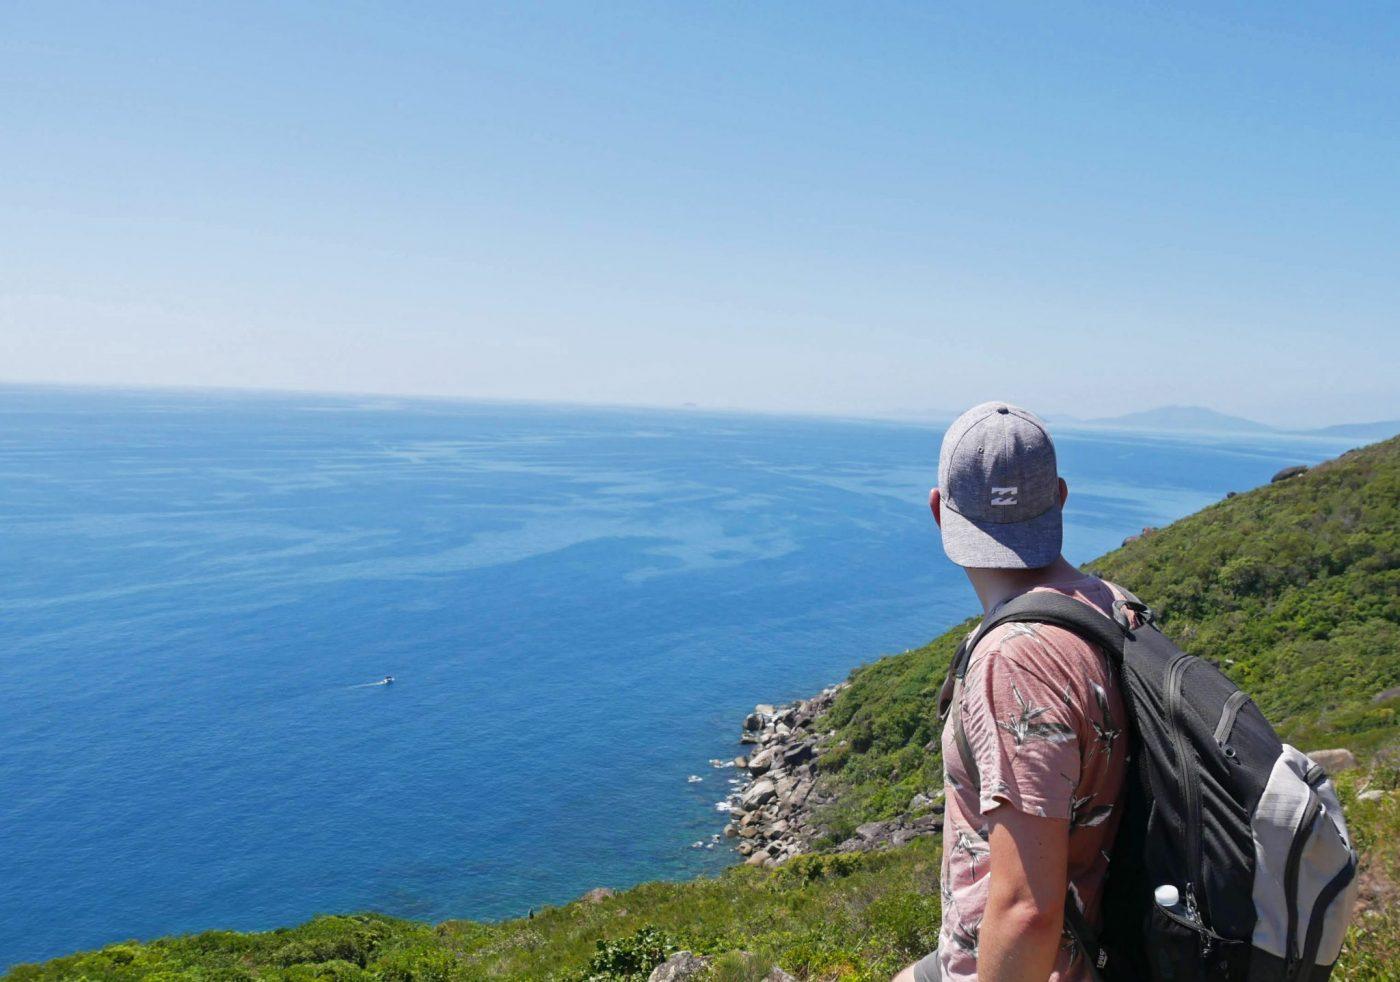 Phenomenal view after a tough climb